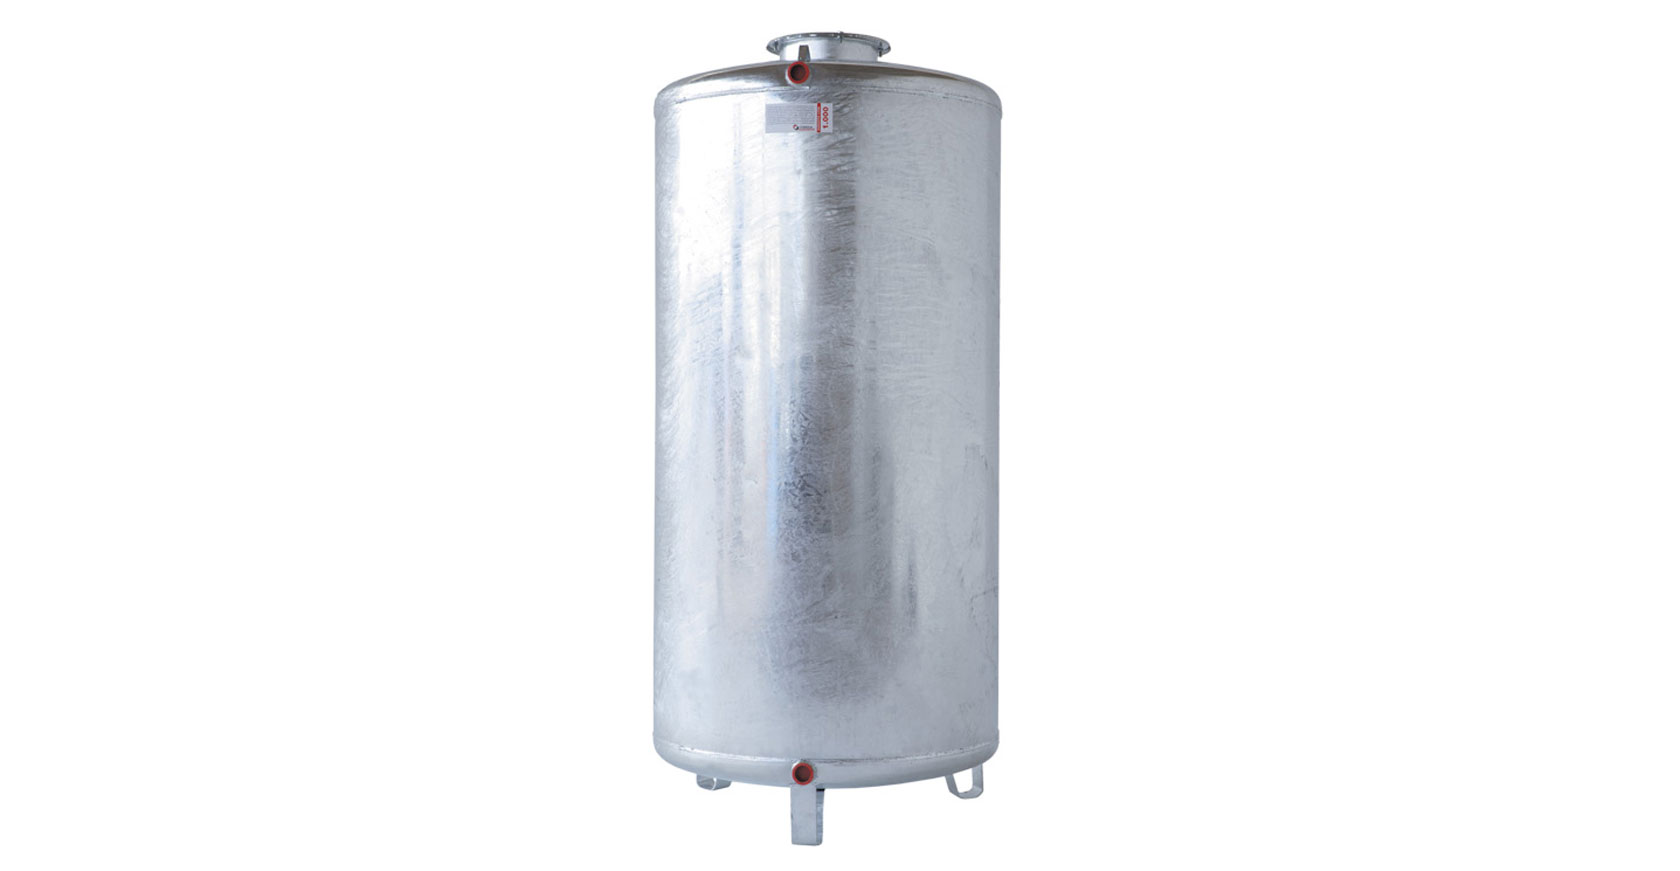 Serbatoio zincato 2000 litri verticale imbriano srl for Serbatoio di acqua di rame